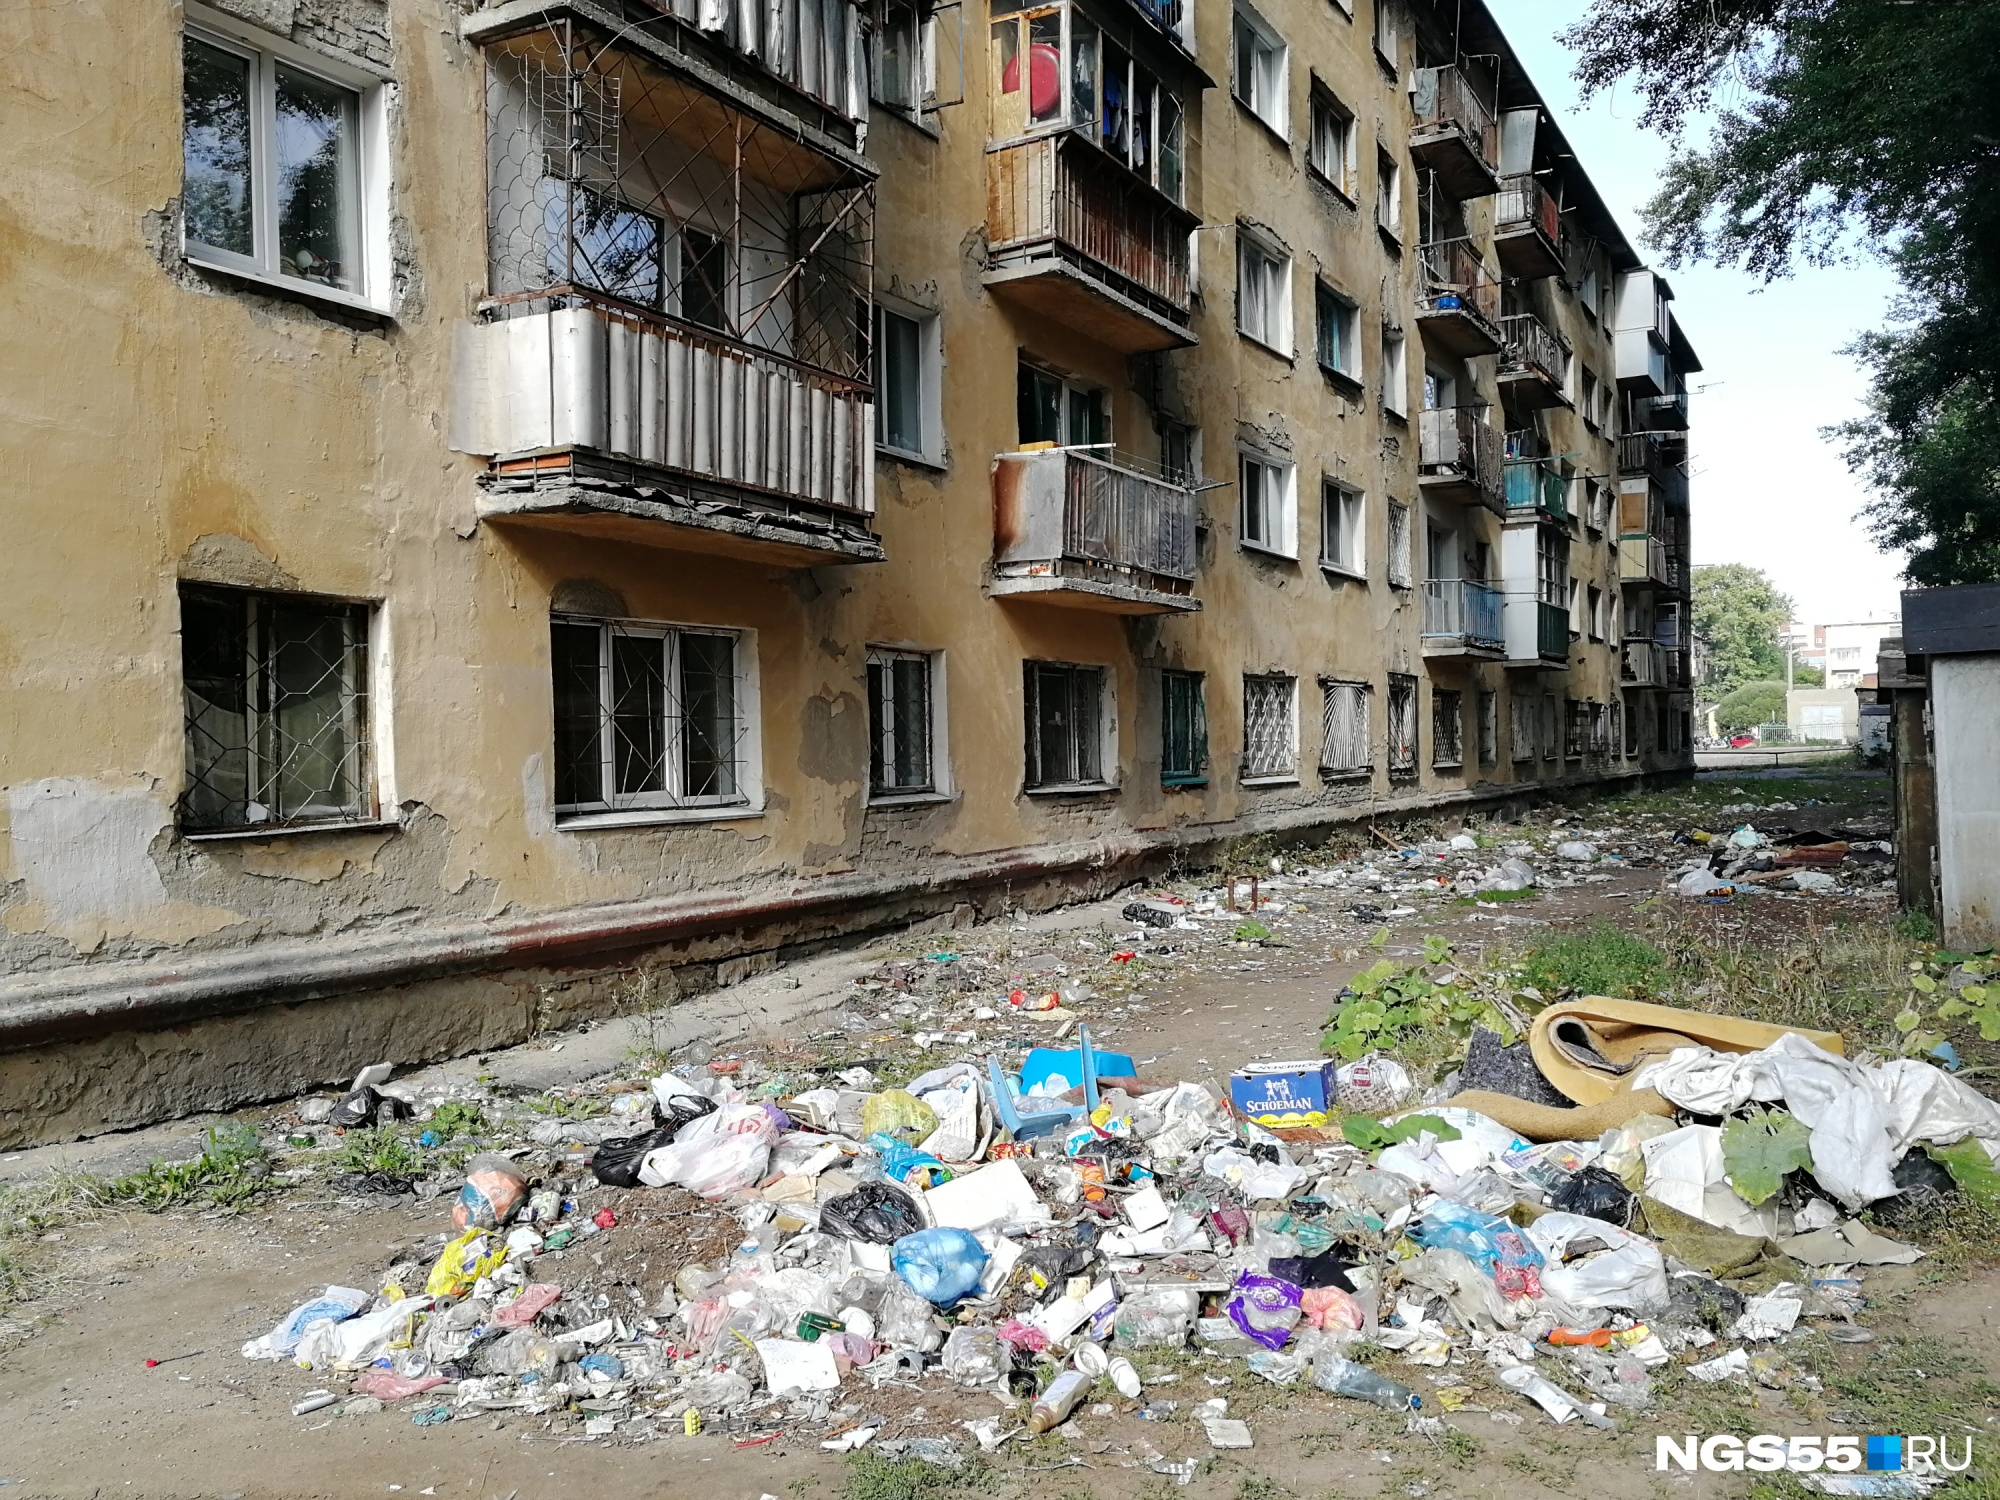 картинка мусор из окна вчера работу